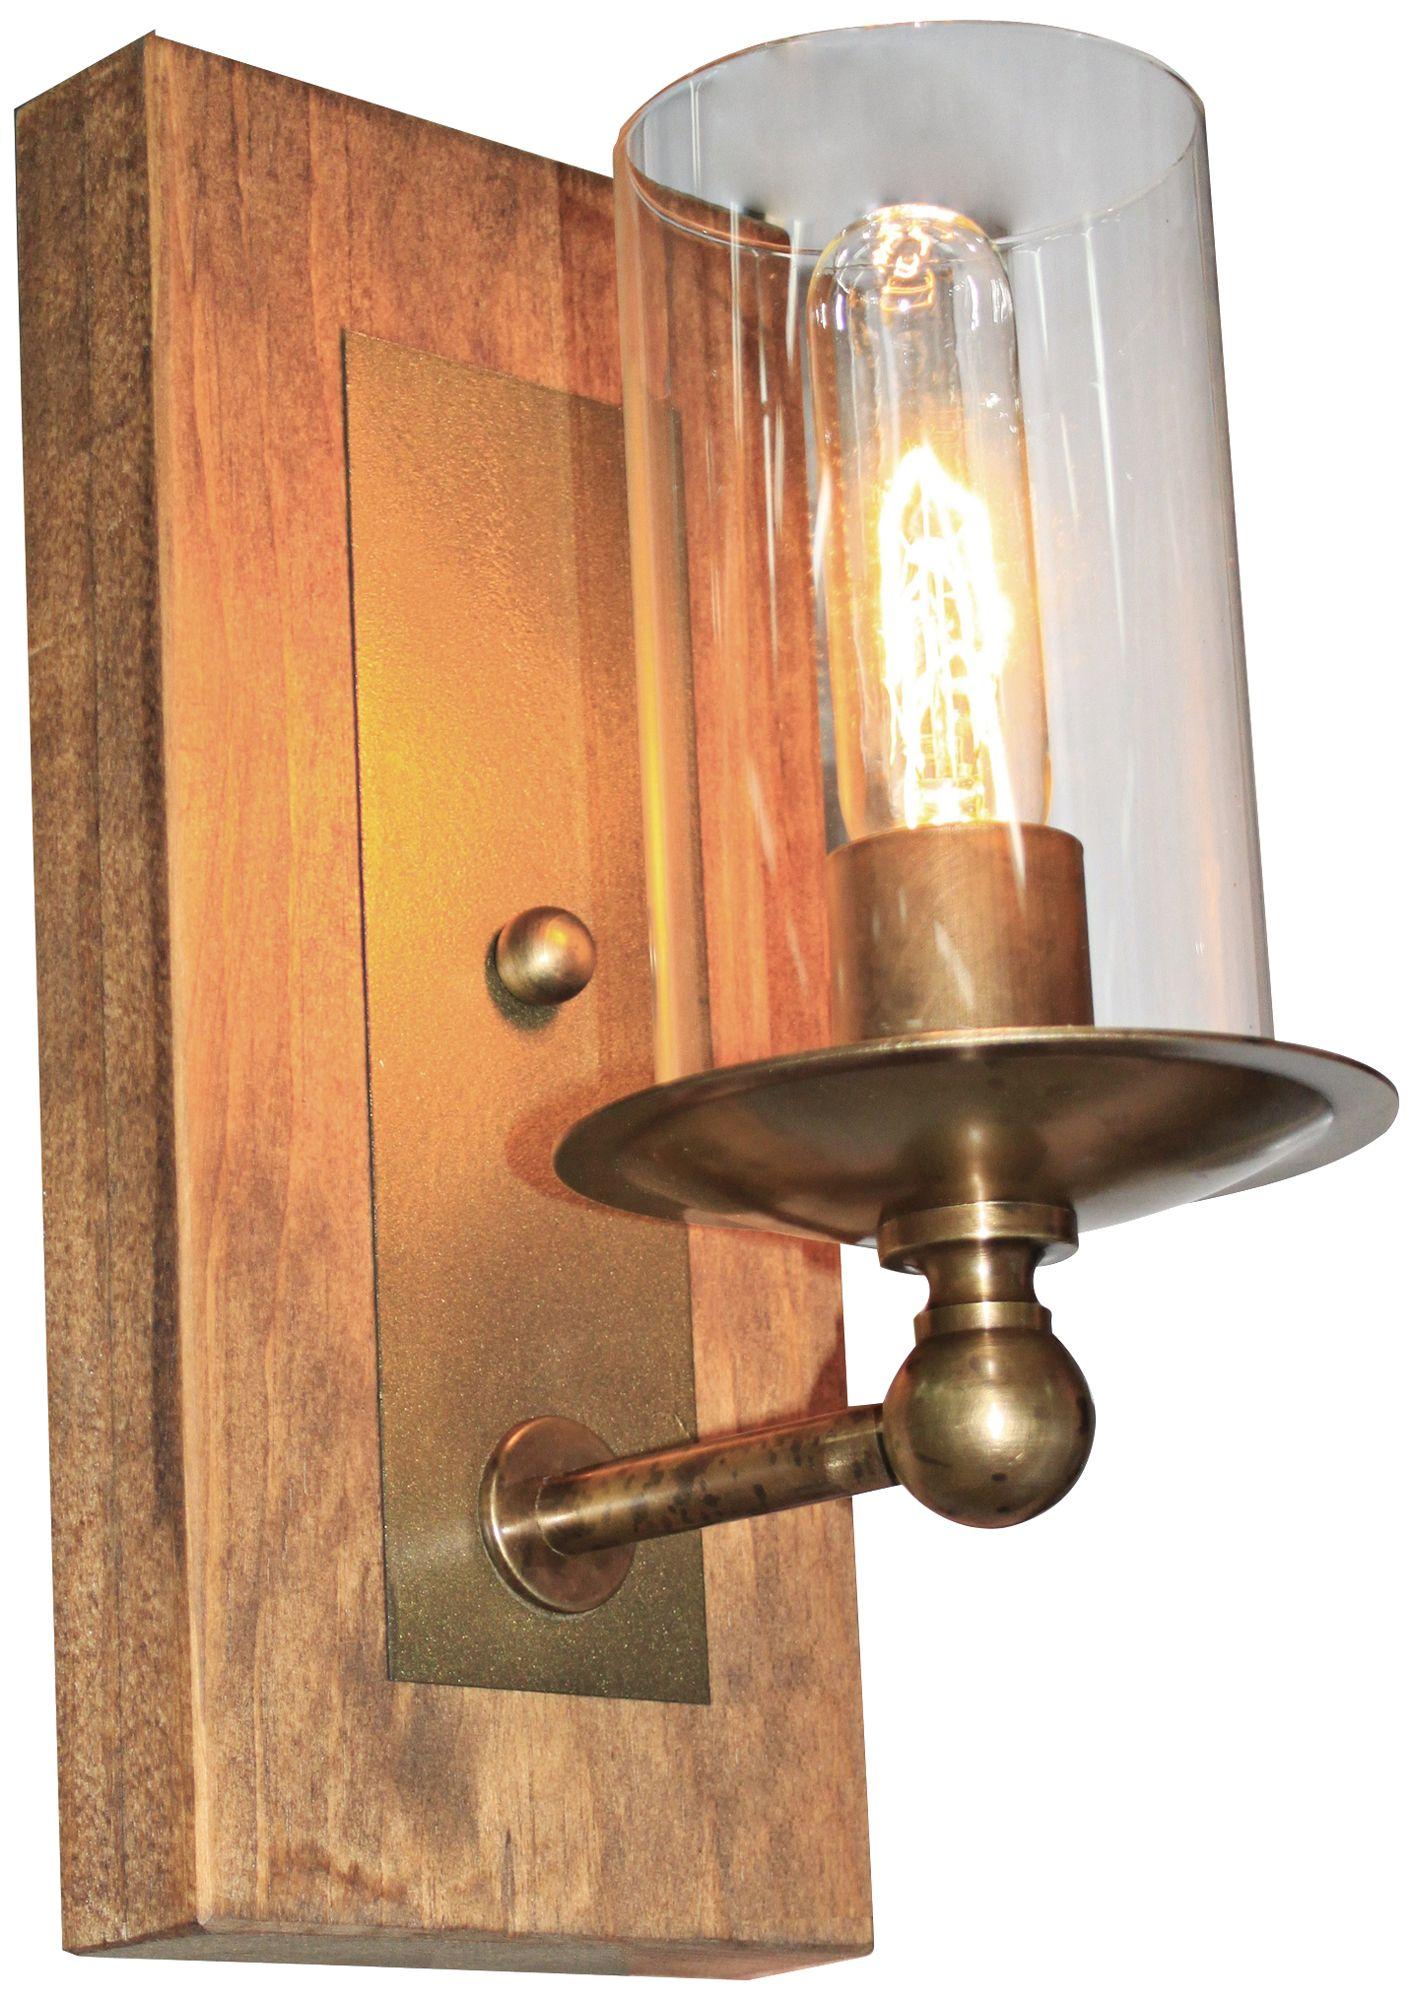 Artcraft Legno Rustico 12  High Light Pine Wall Sconce  sc 1 st  L&s Plus & Artcraft Legno Rustico 12